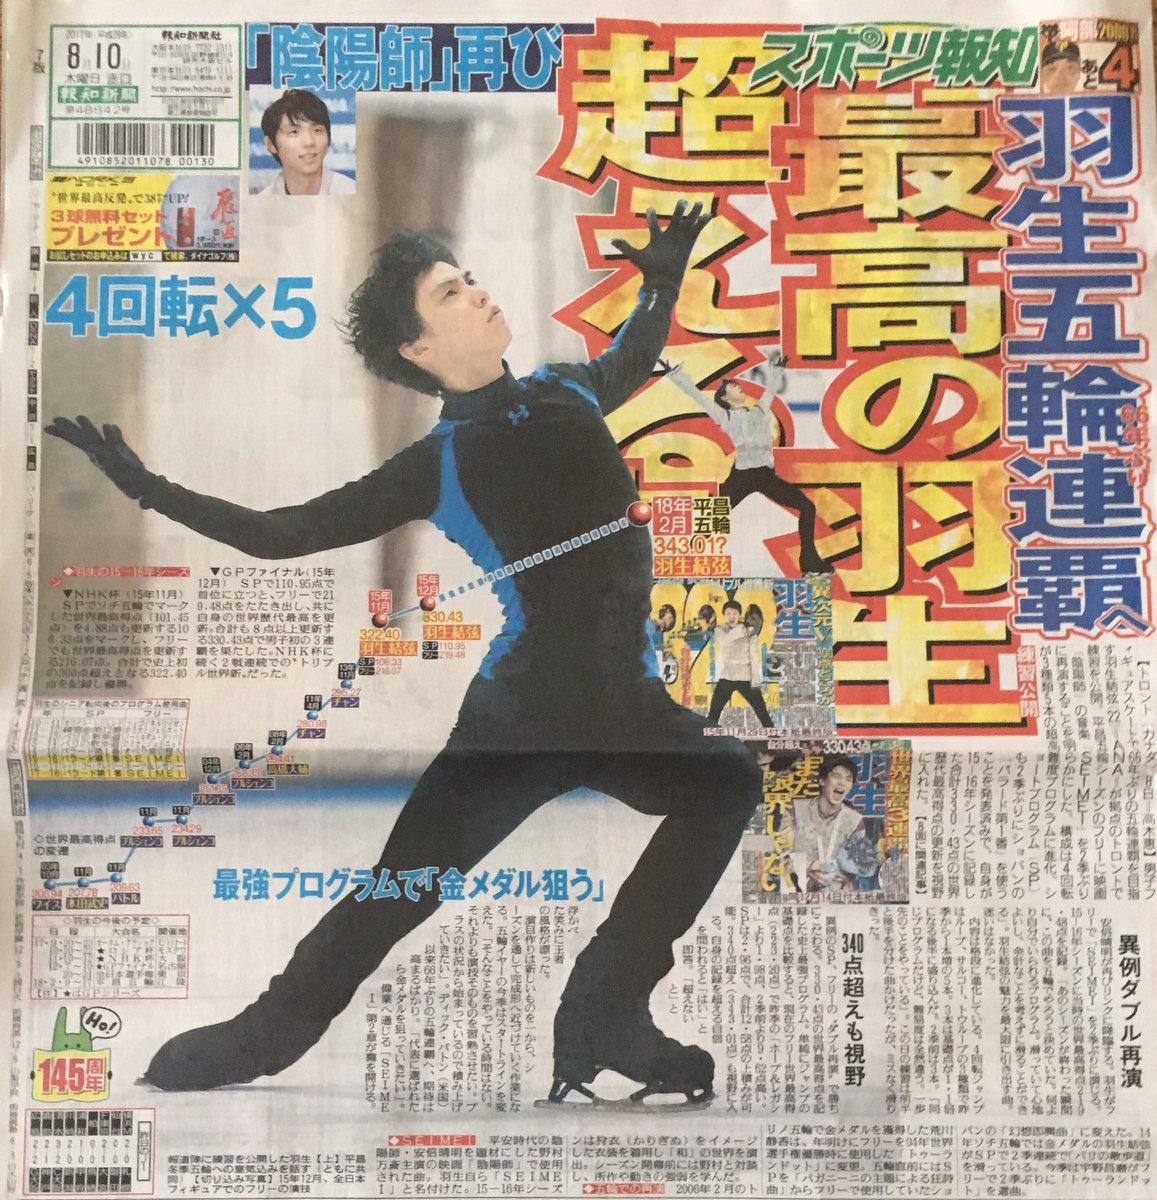 新聞0810スポーツ報知